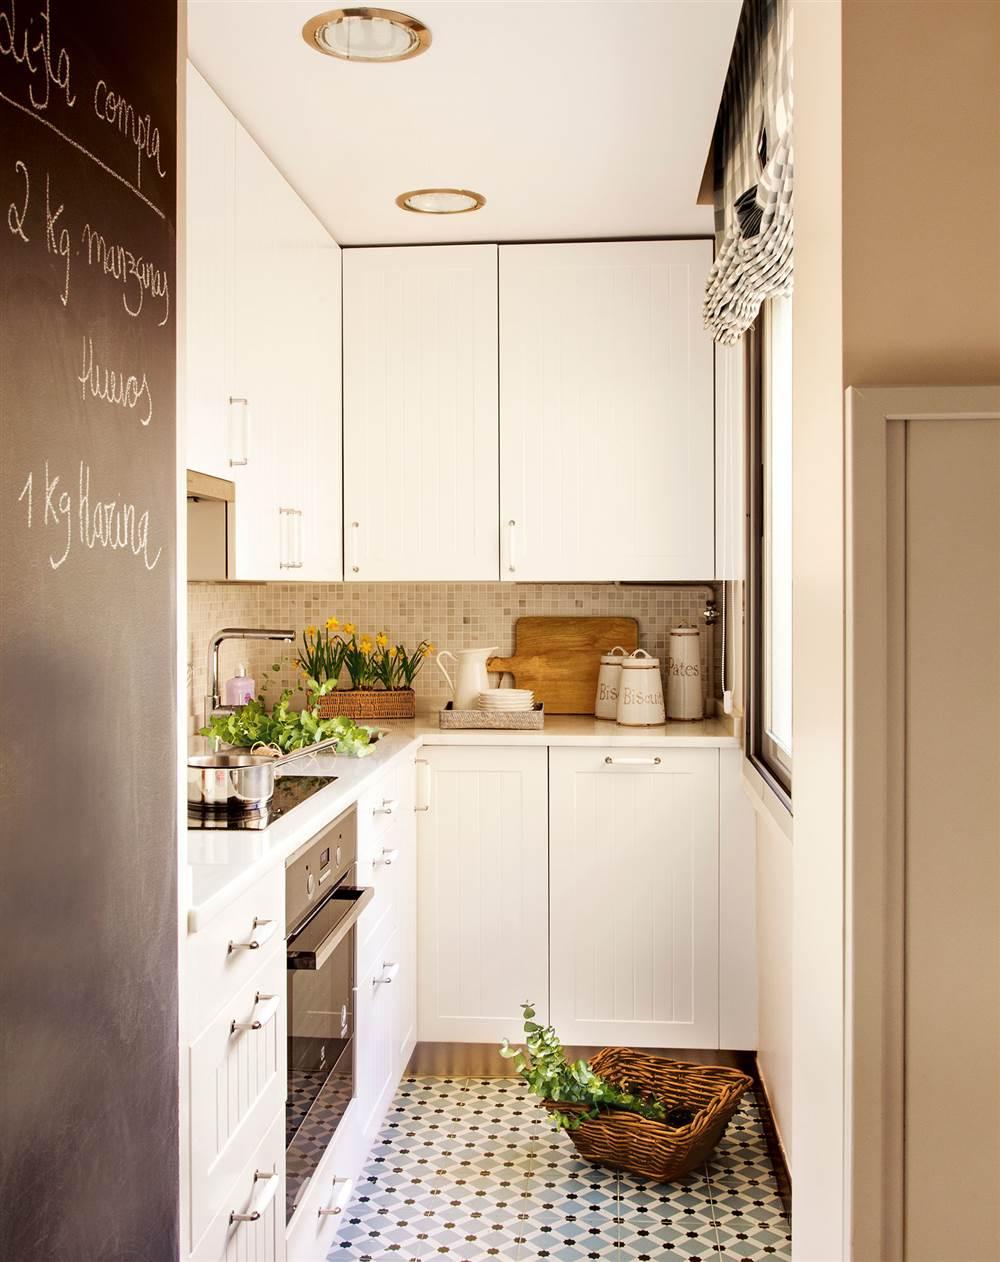 Ideas para aprovechar el espacio en las cocinas peque as - Estantes para interior ducha ...